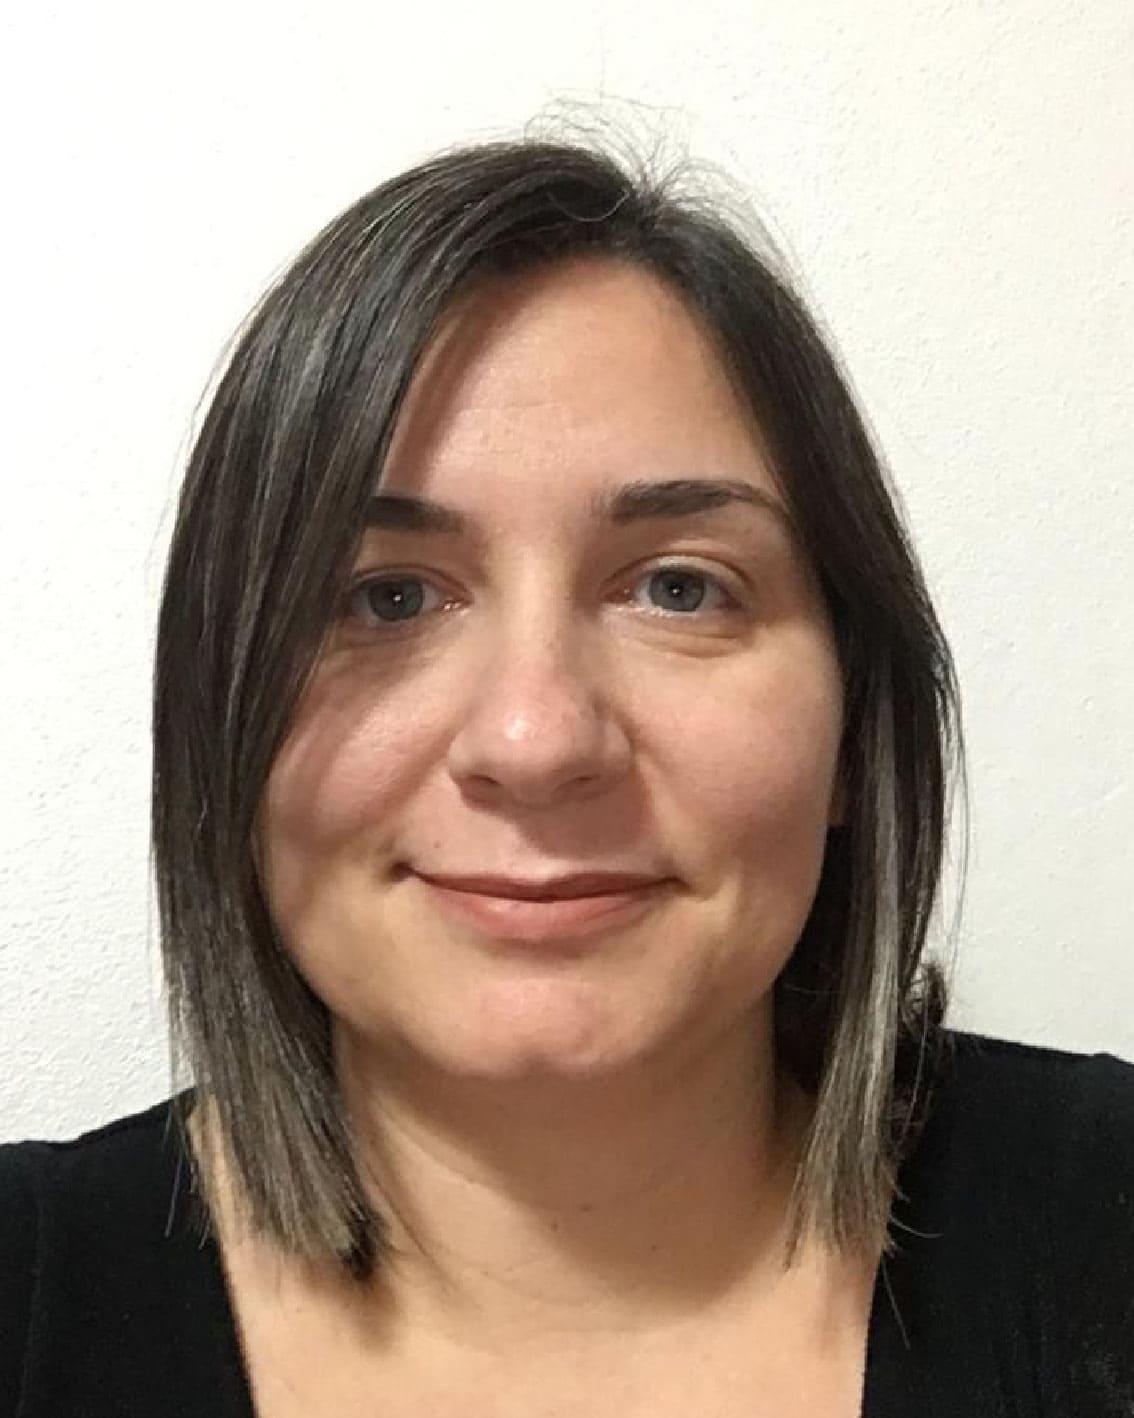 Stefania Casula